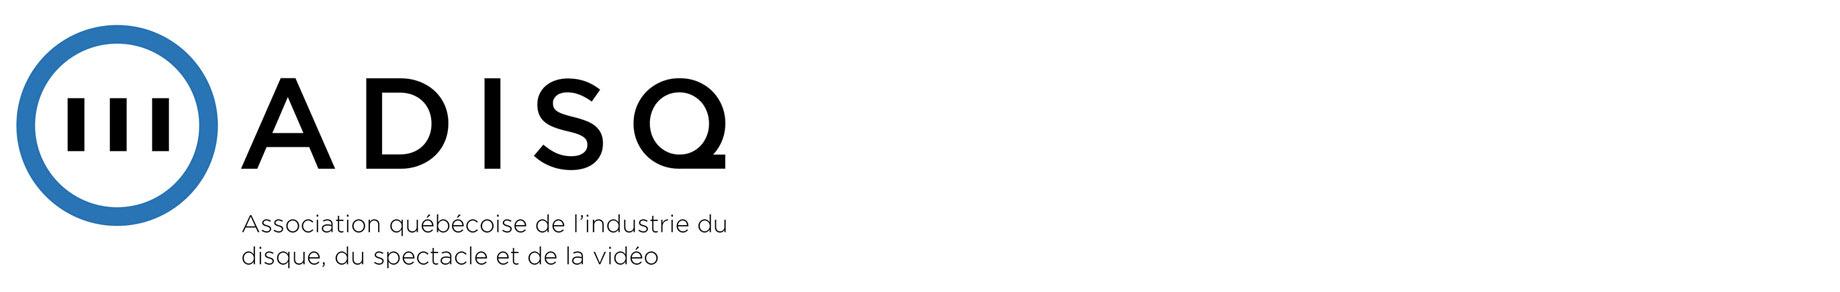 Logo Adisq Couleur Pourcommunique